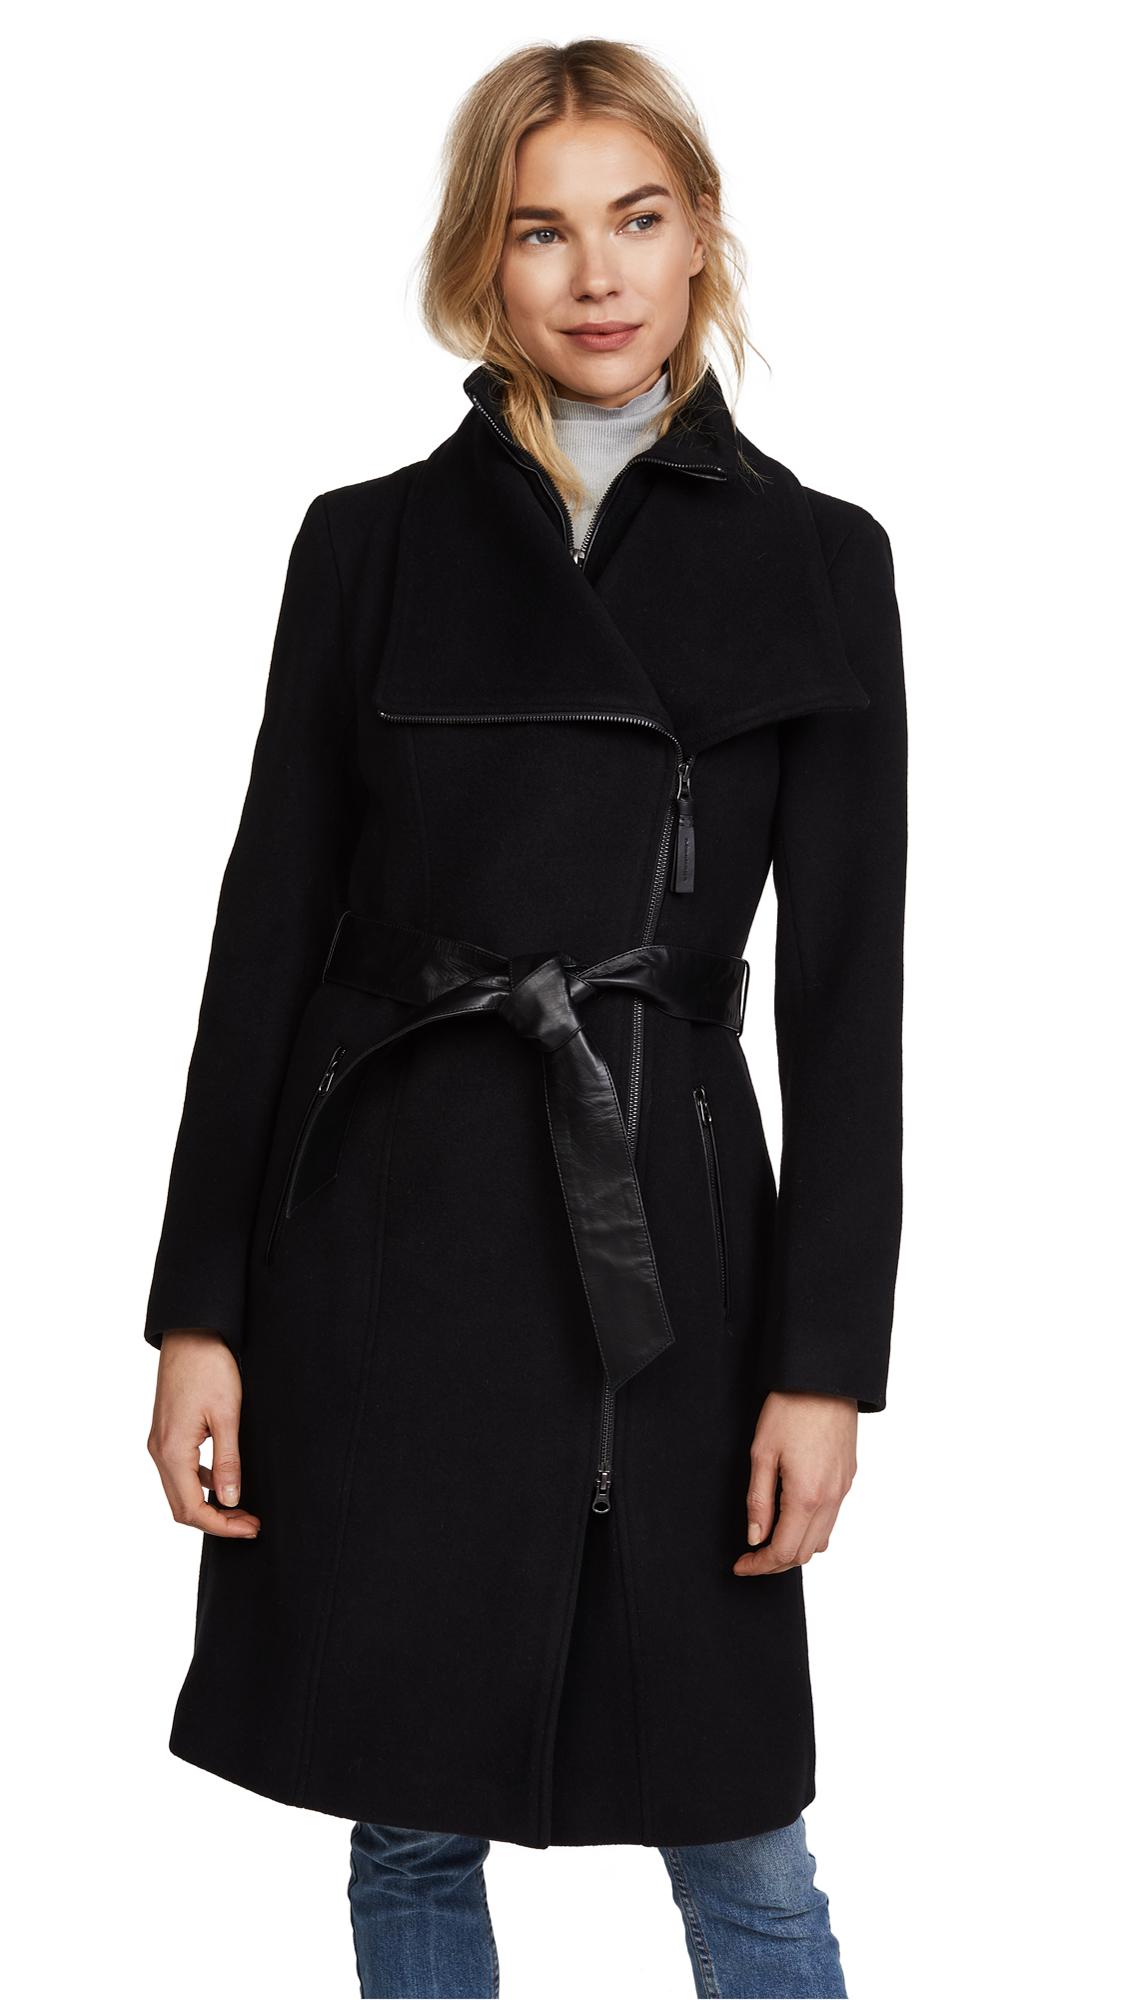 Mackage Nori Coat - Black